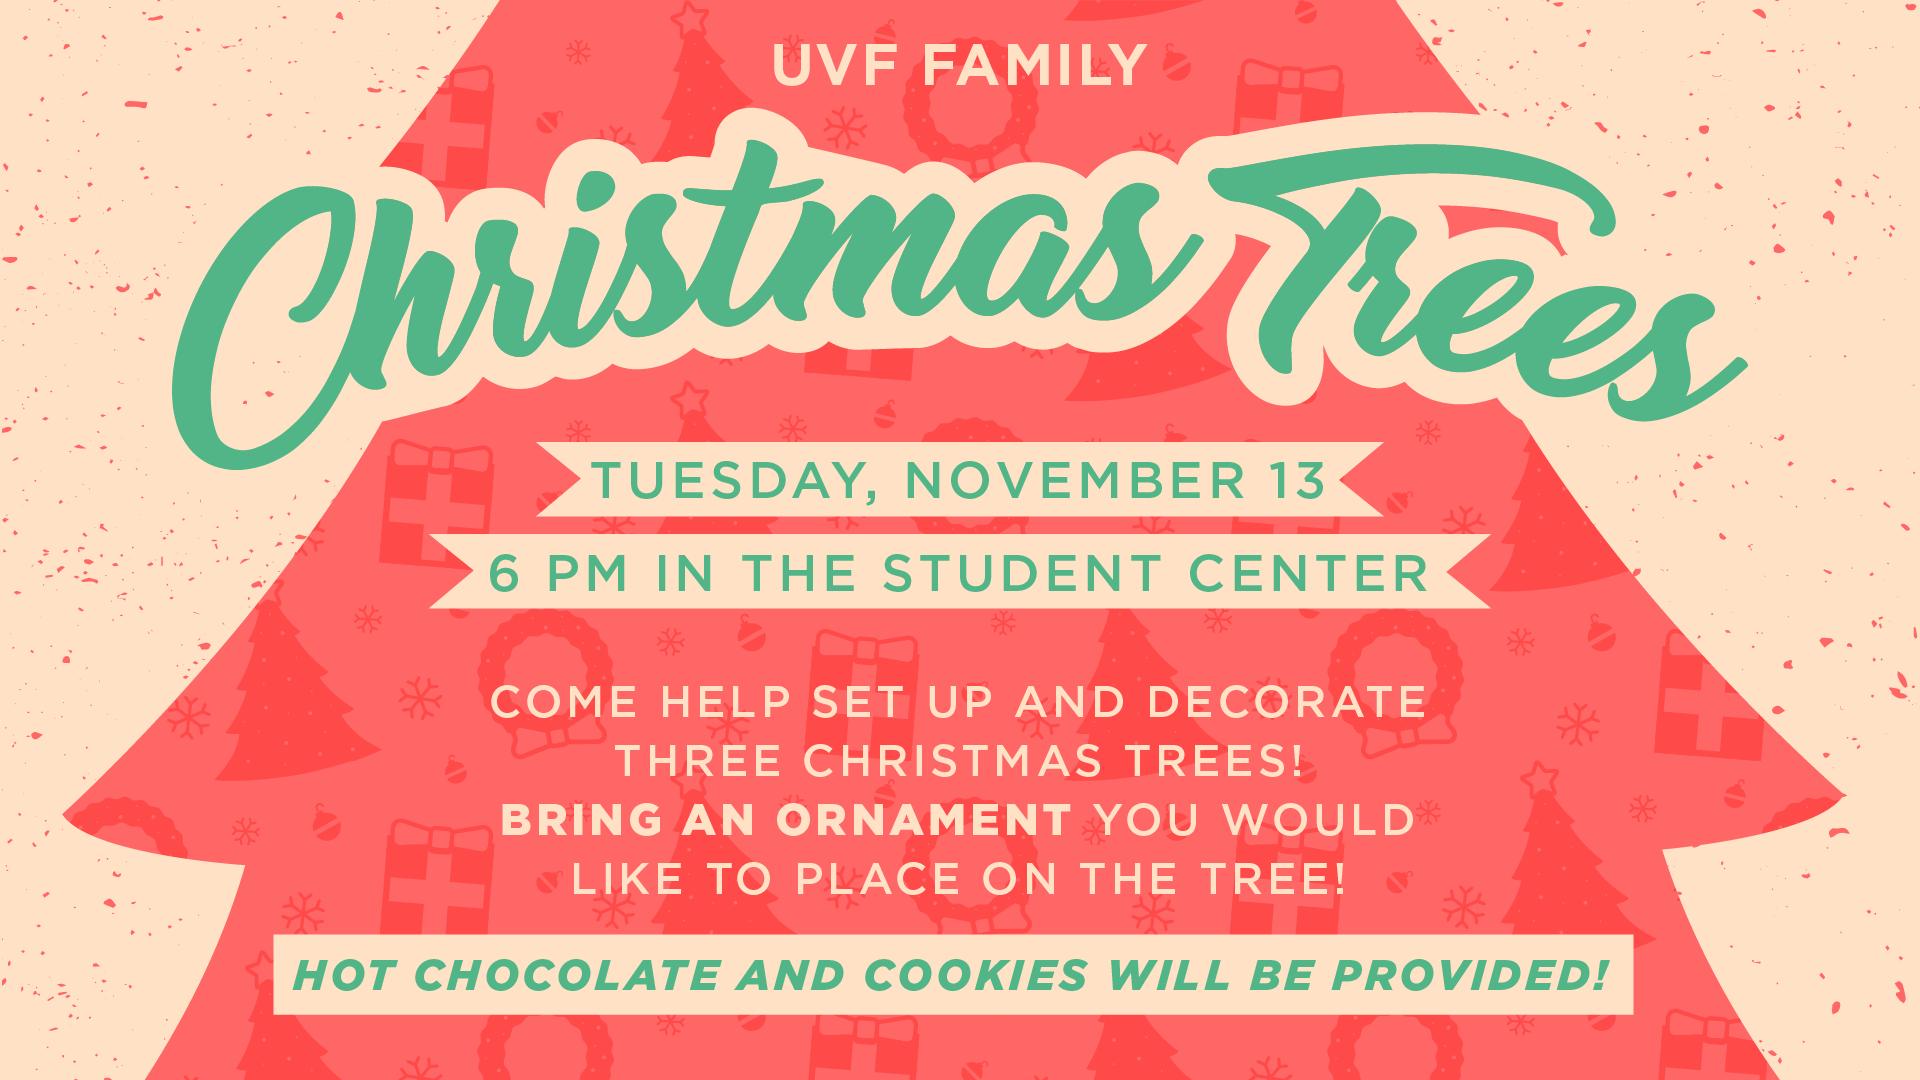 UVF Family Trees_Slide.png